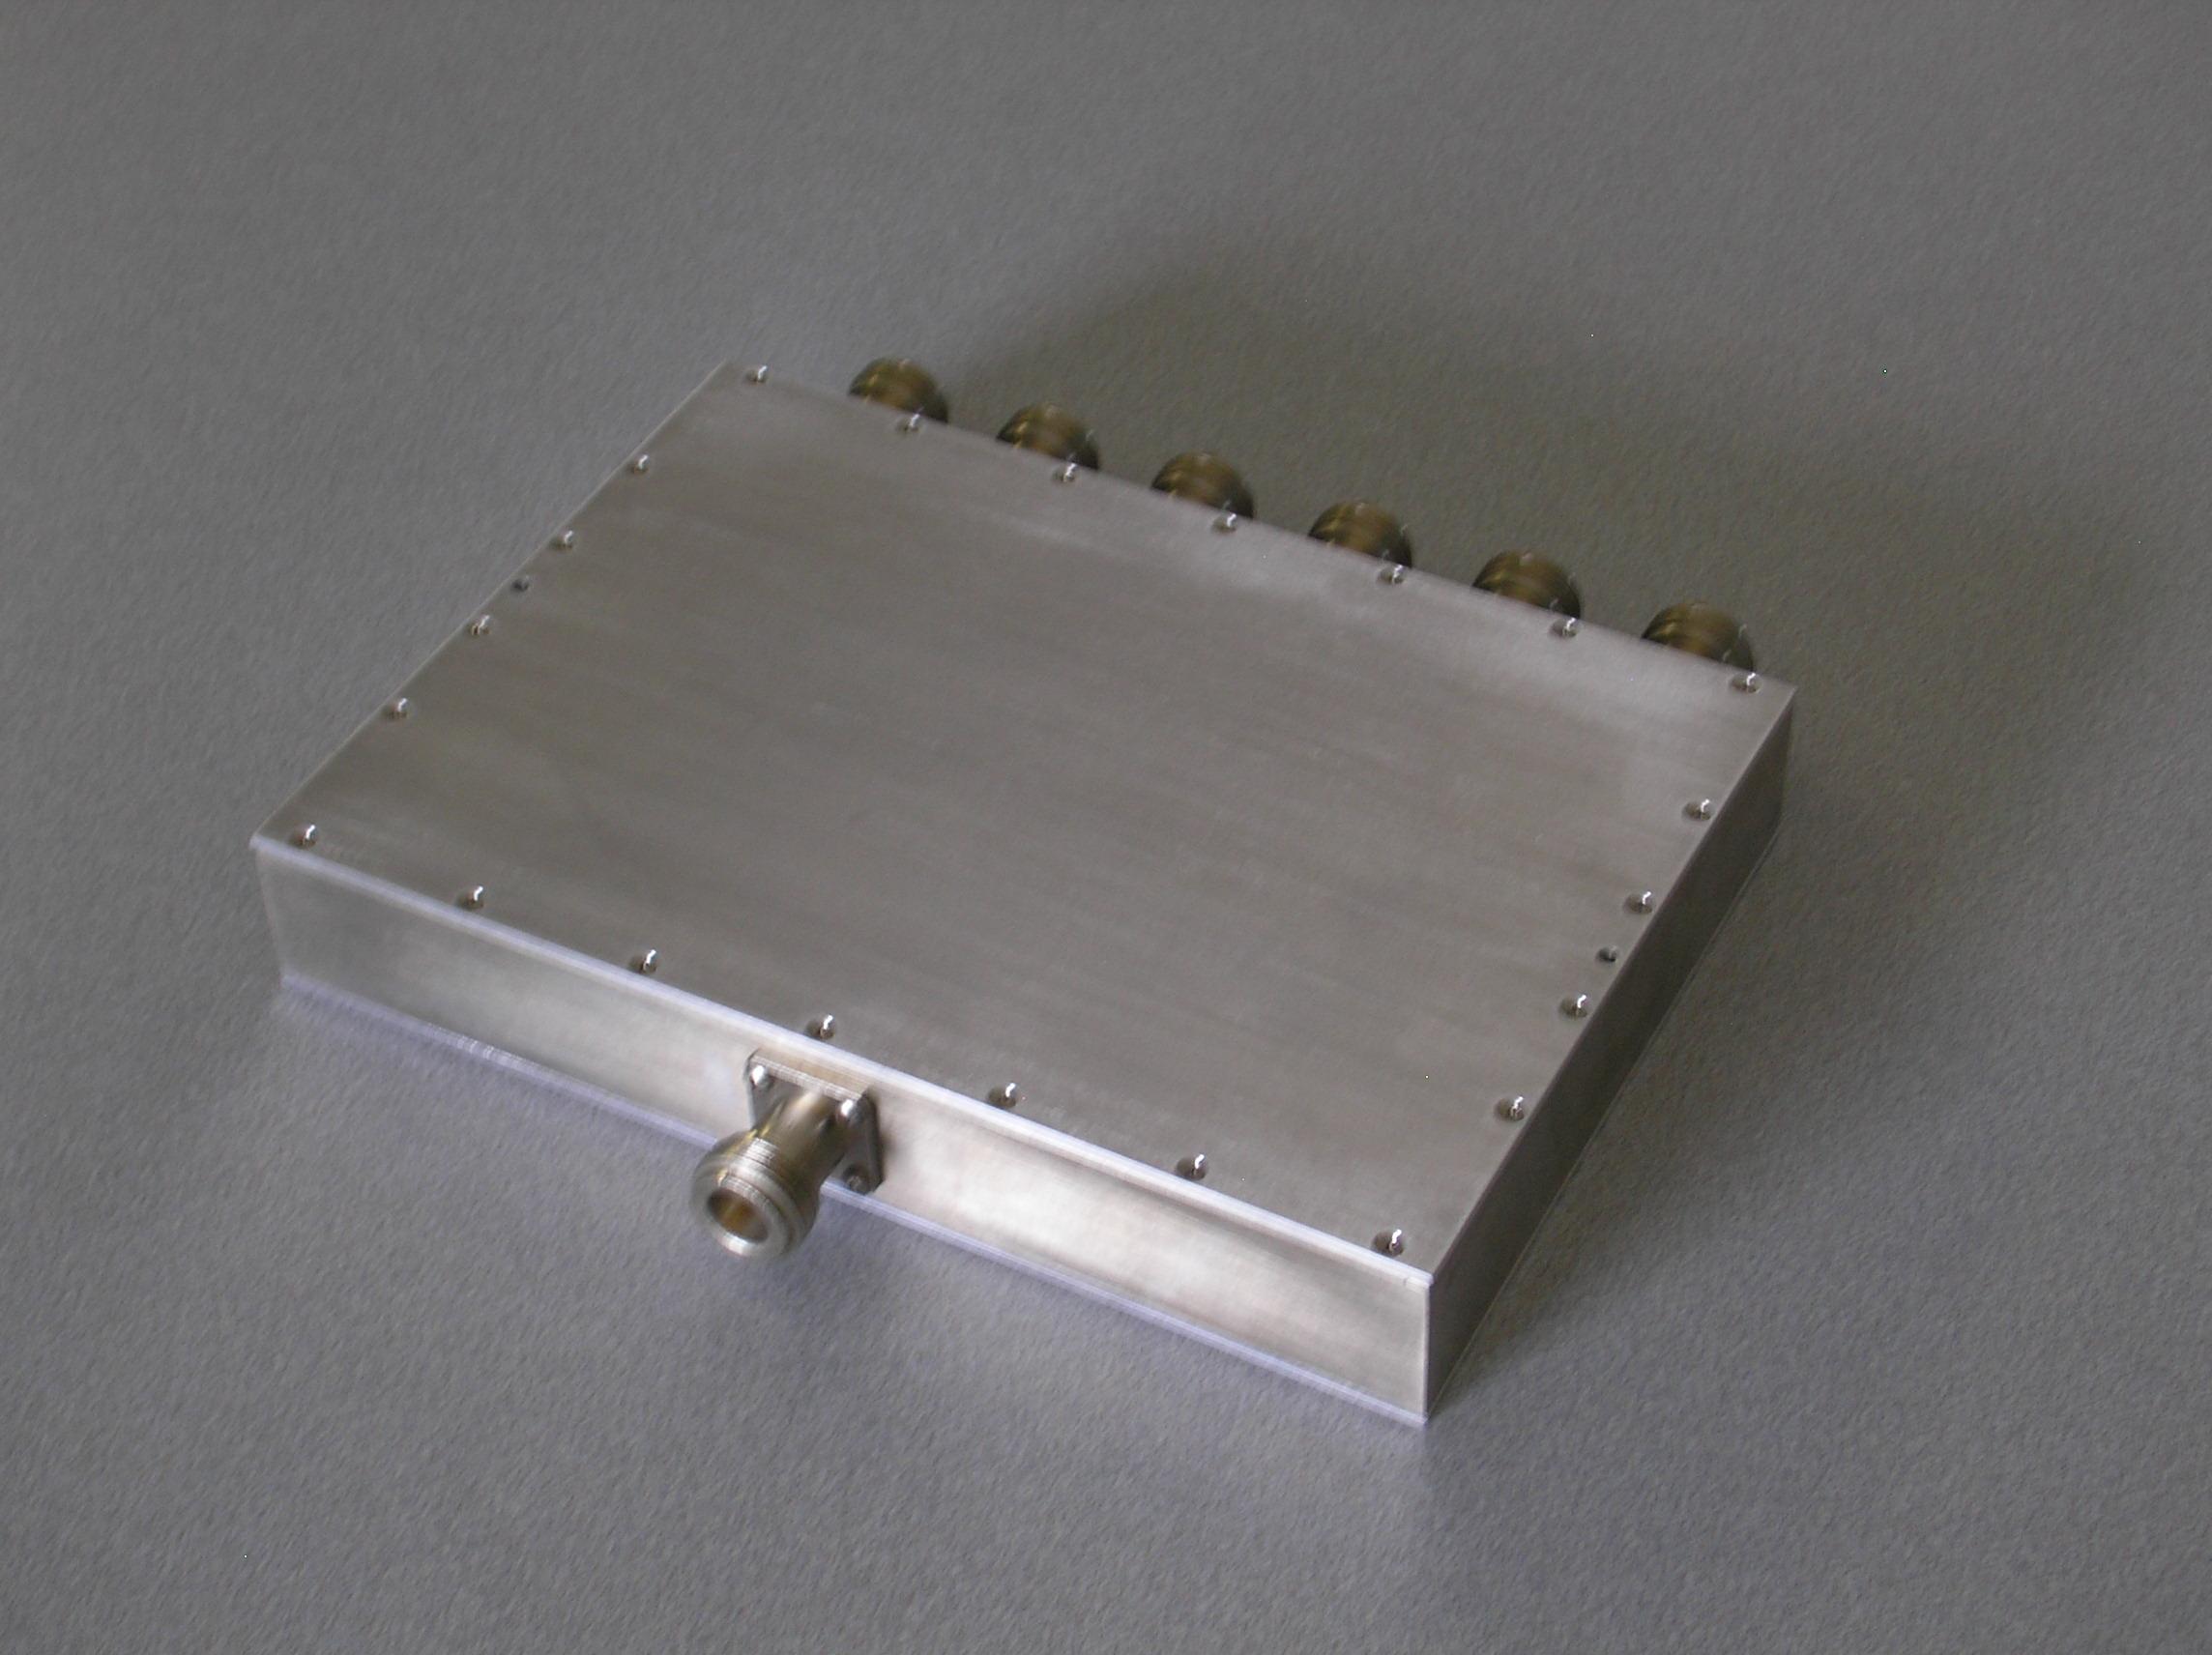 Power Divider, 6 Way, 50 Ohm, 800-2200 MHz, 5 Watts, N female